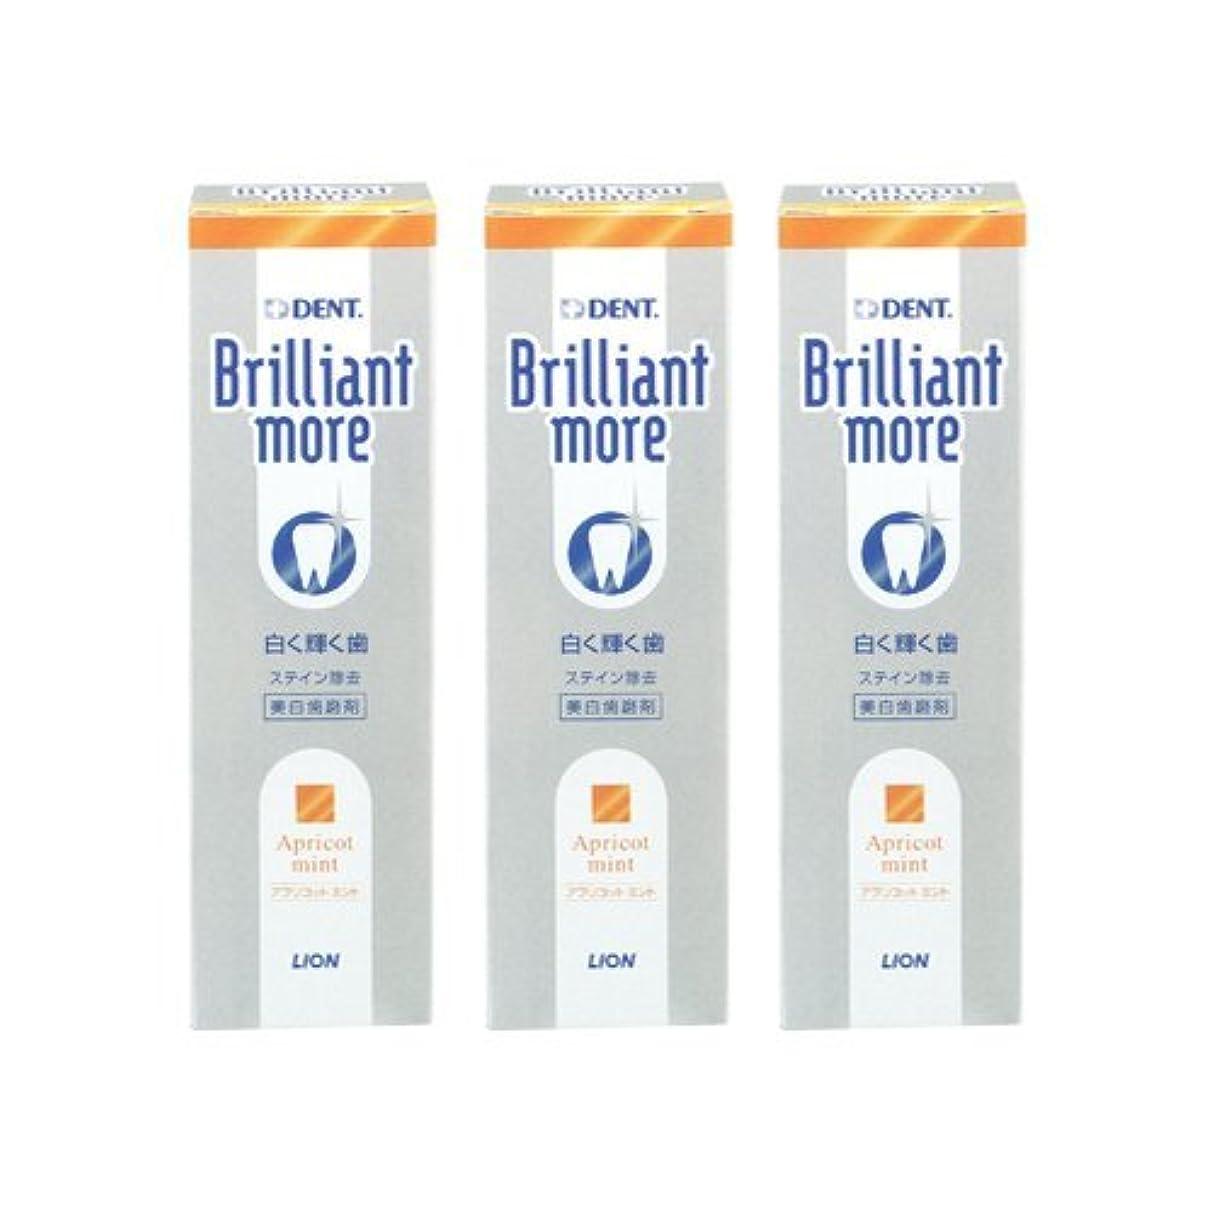 識別定期的患者ライオン ブリリアントモア アプリコットミント 3本セット 美白歯磨剤 LION Brilliant more